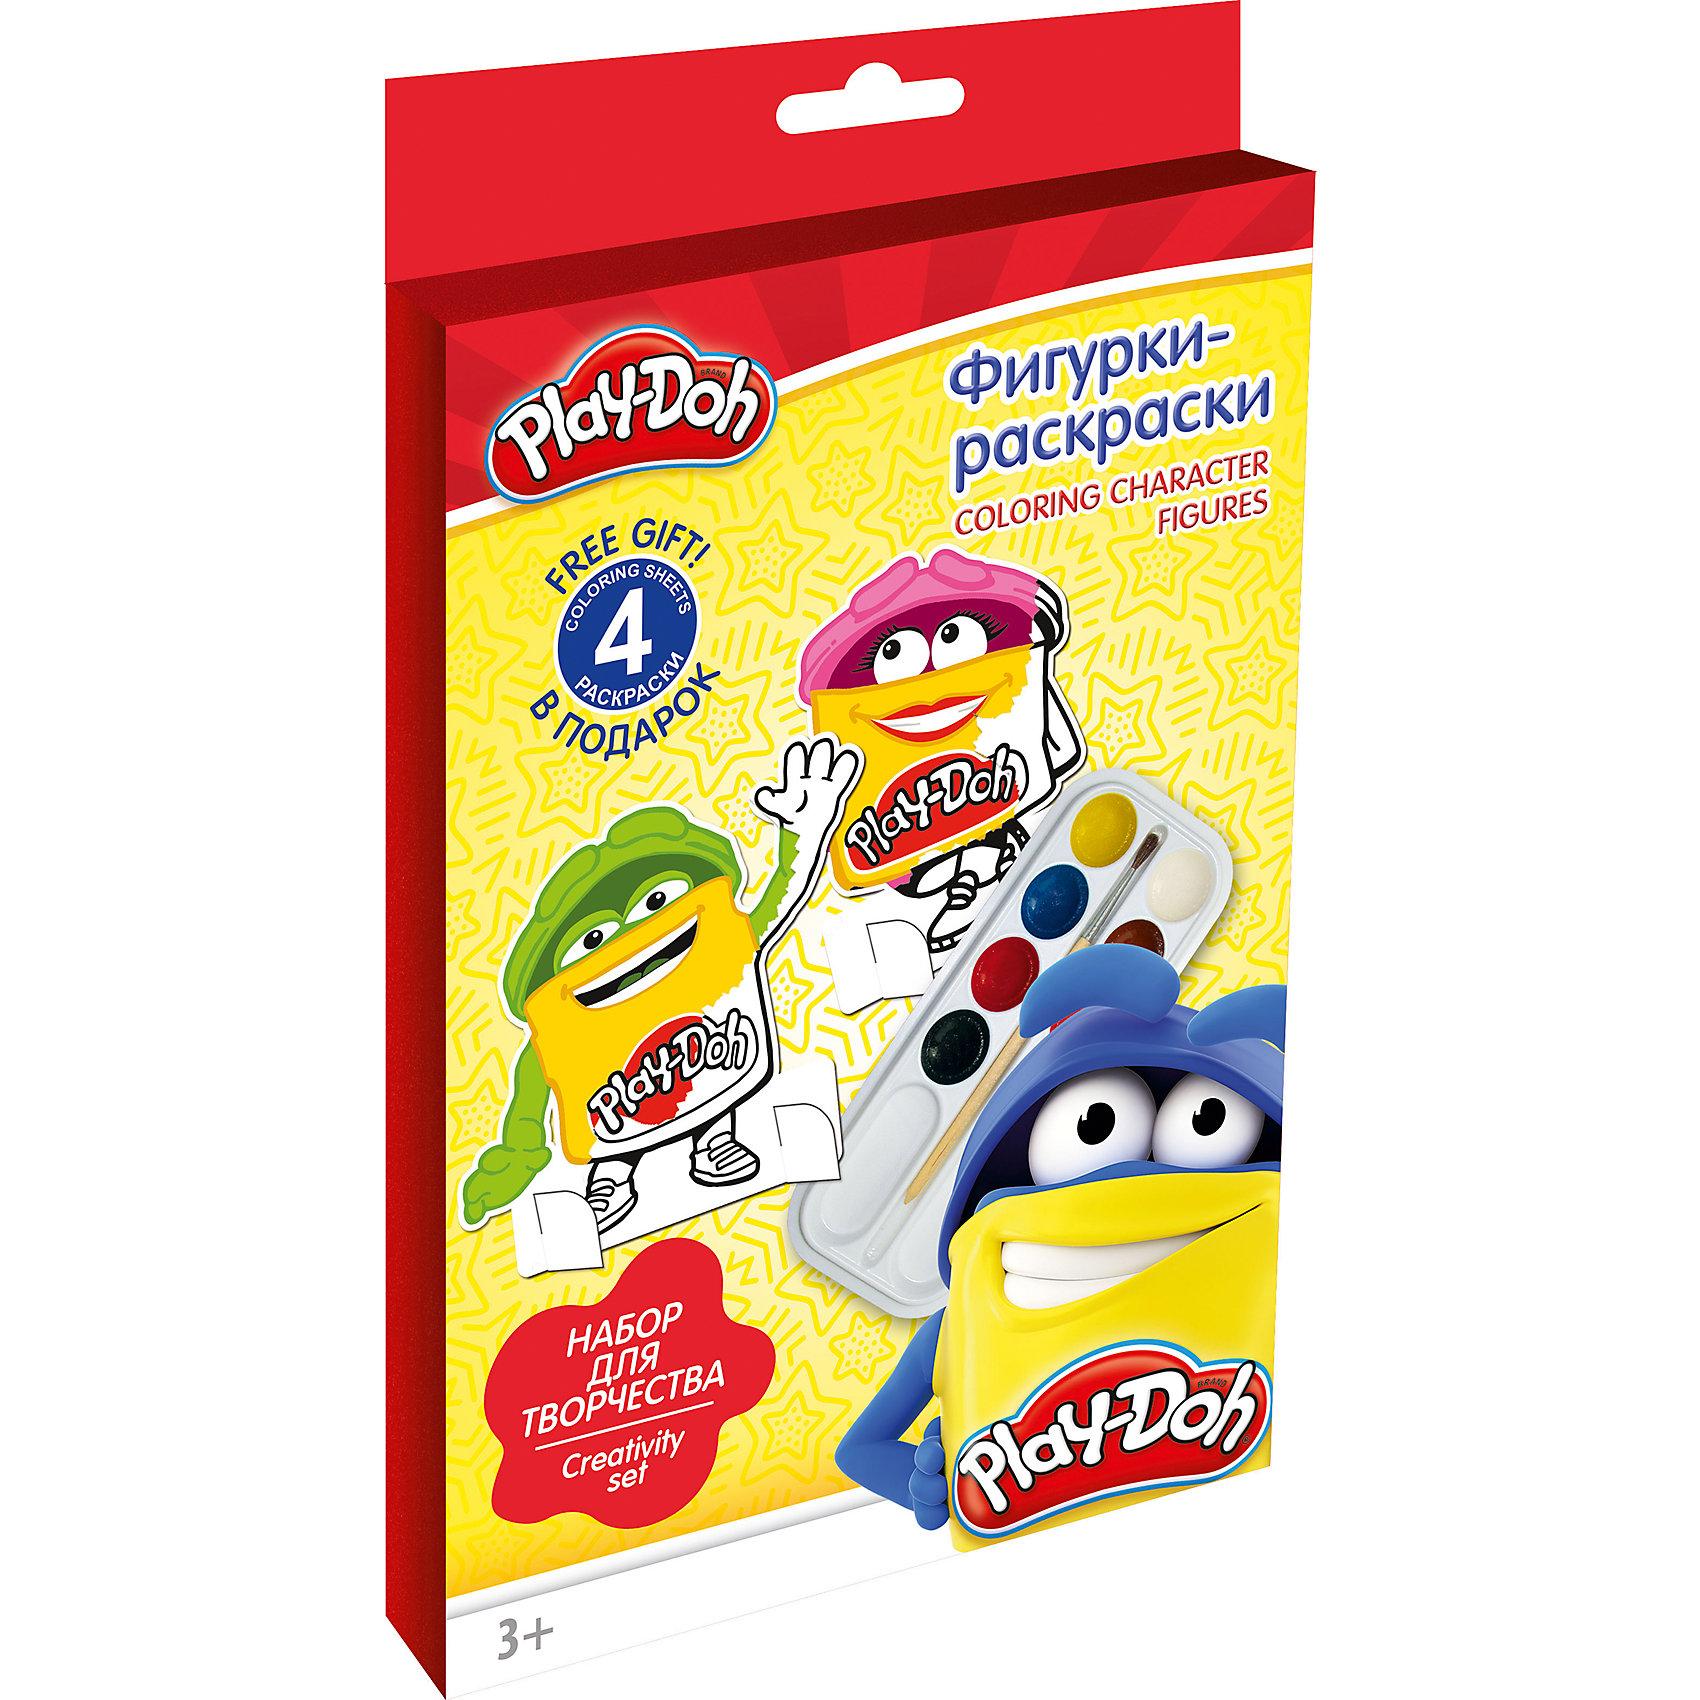 Академия групп Фигурки-раскраски Play Doh hasbro play doh игровой набор из 3 цветов цвета в ассортименте с 2 лет